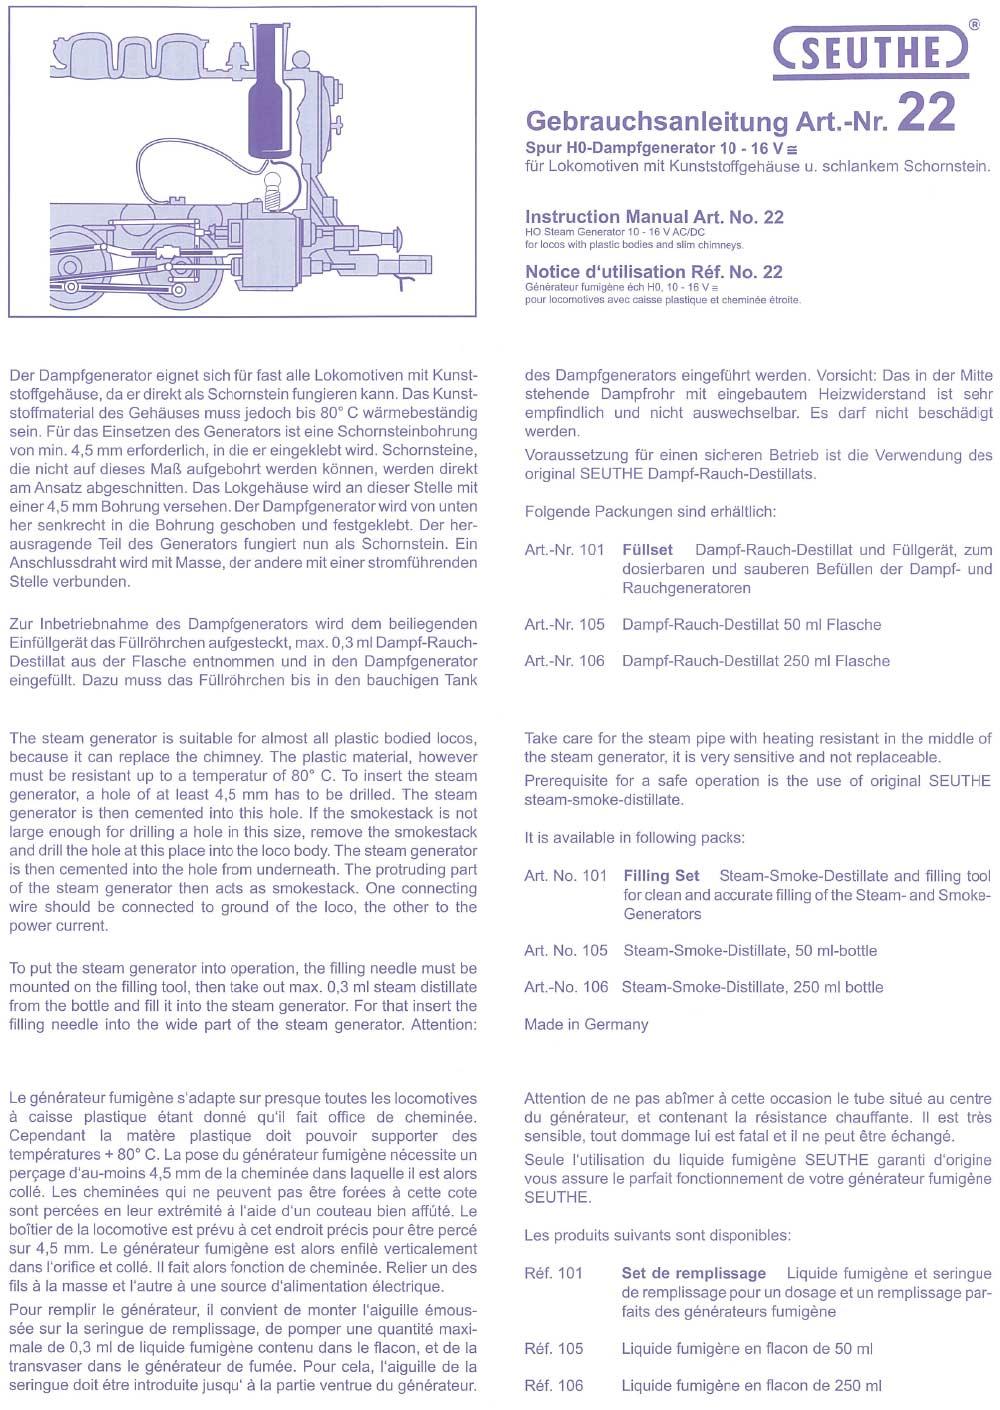 oder Wechselspannung Seuthe 9 H0 Steck-Dampfgenerator 8-14 V Gleich